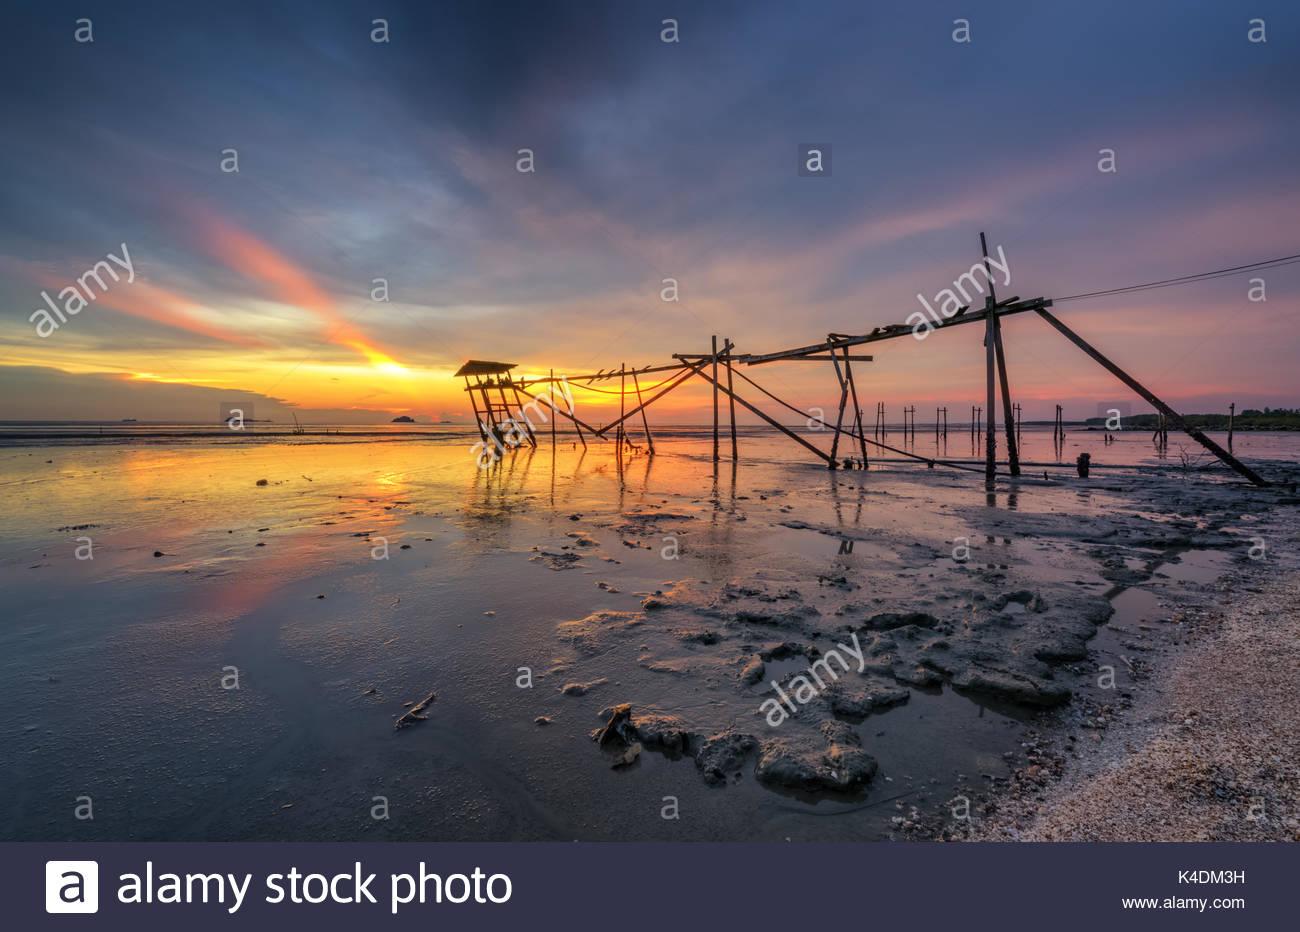 sunset-from-pantai-jeram-K4DM3H Of Pantai Jeram Di Selangor Tempat Menarik Yang Sangat Hebat Untuk Di Kunjungi